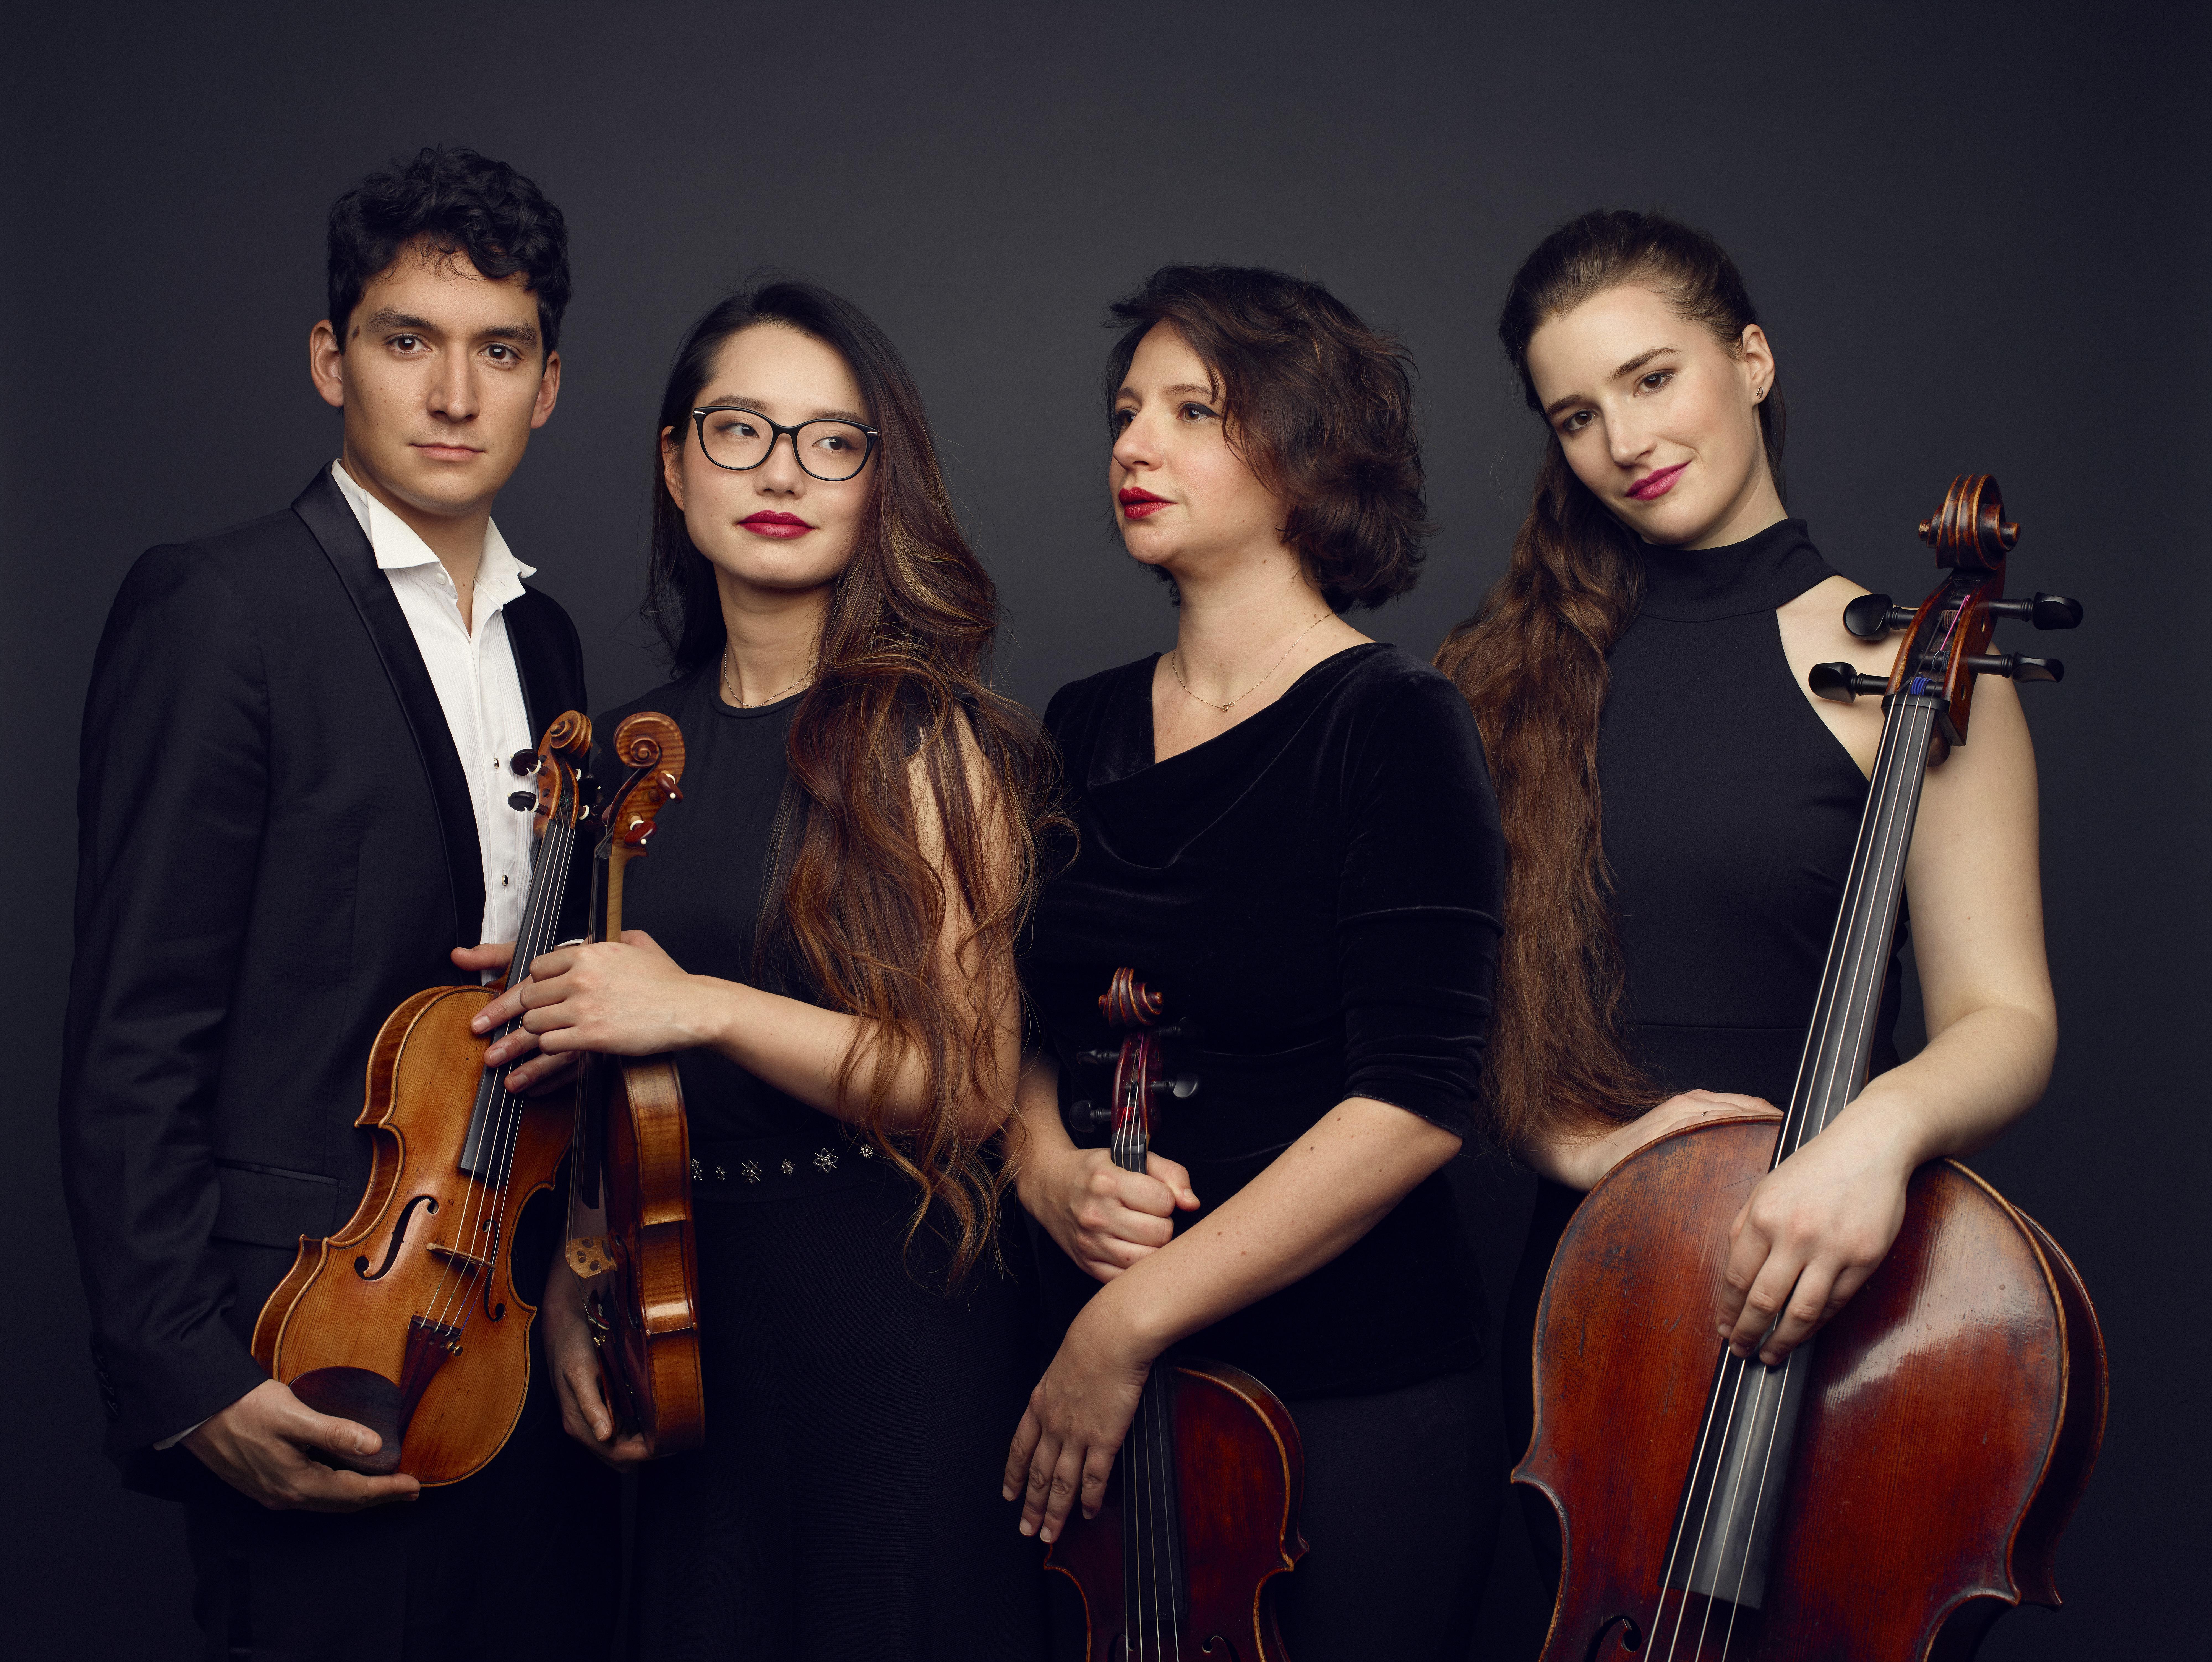 Le Quatuor Akos aspire aux surprises et à la magie de l'instant, associant héritage musical et modernité en proposant des programmes de concerts éclectiques sur archets classiques et modernes.